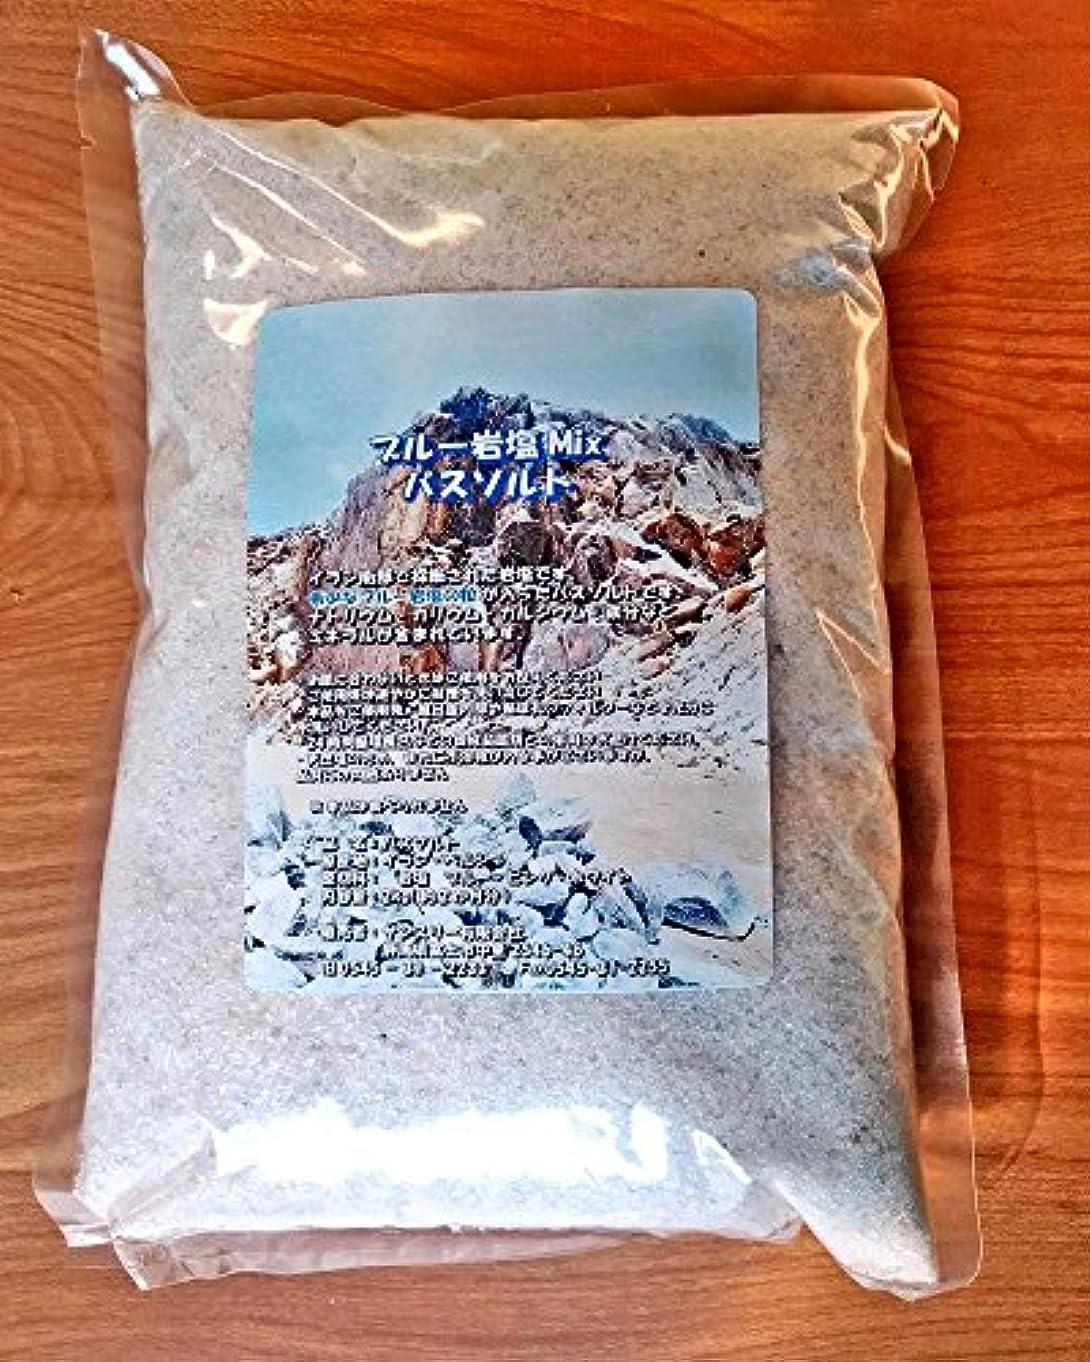 バスケットボール愛是正ブルー岩塩Mixバスソルト2kg